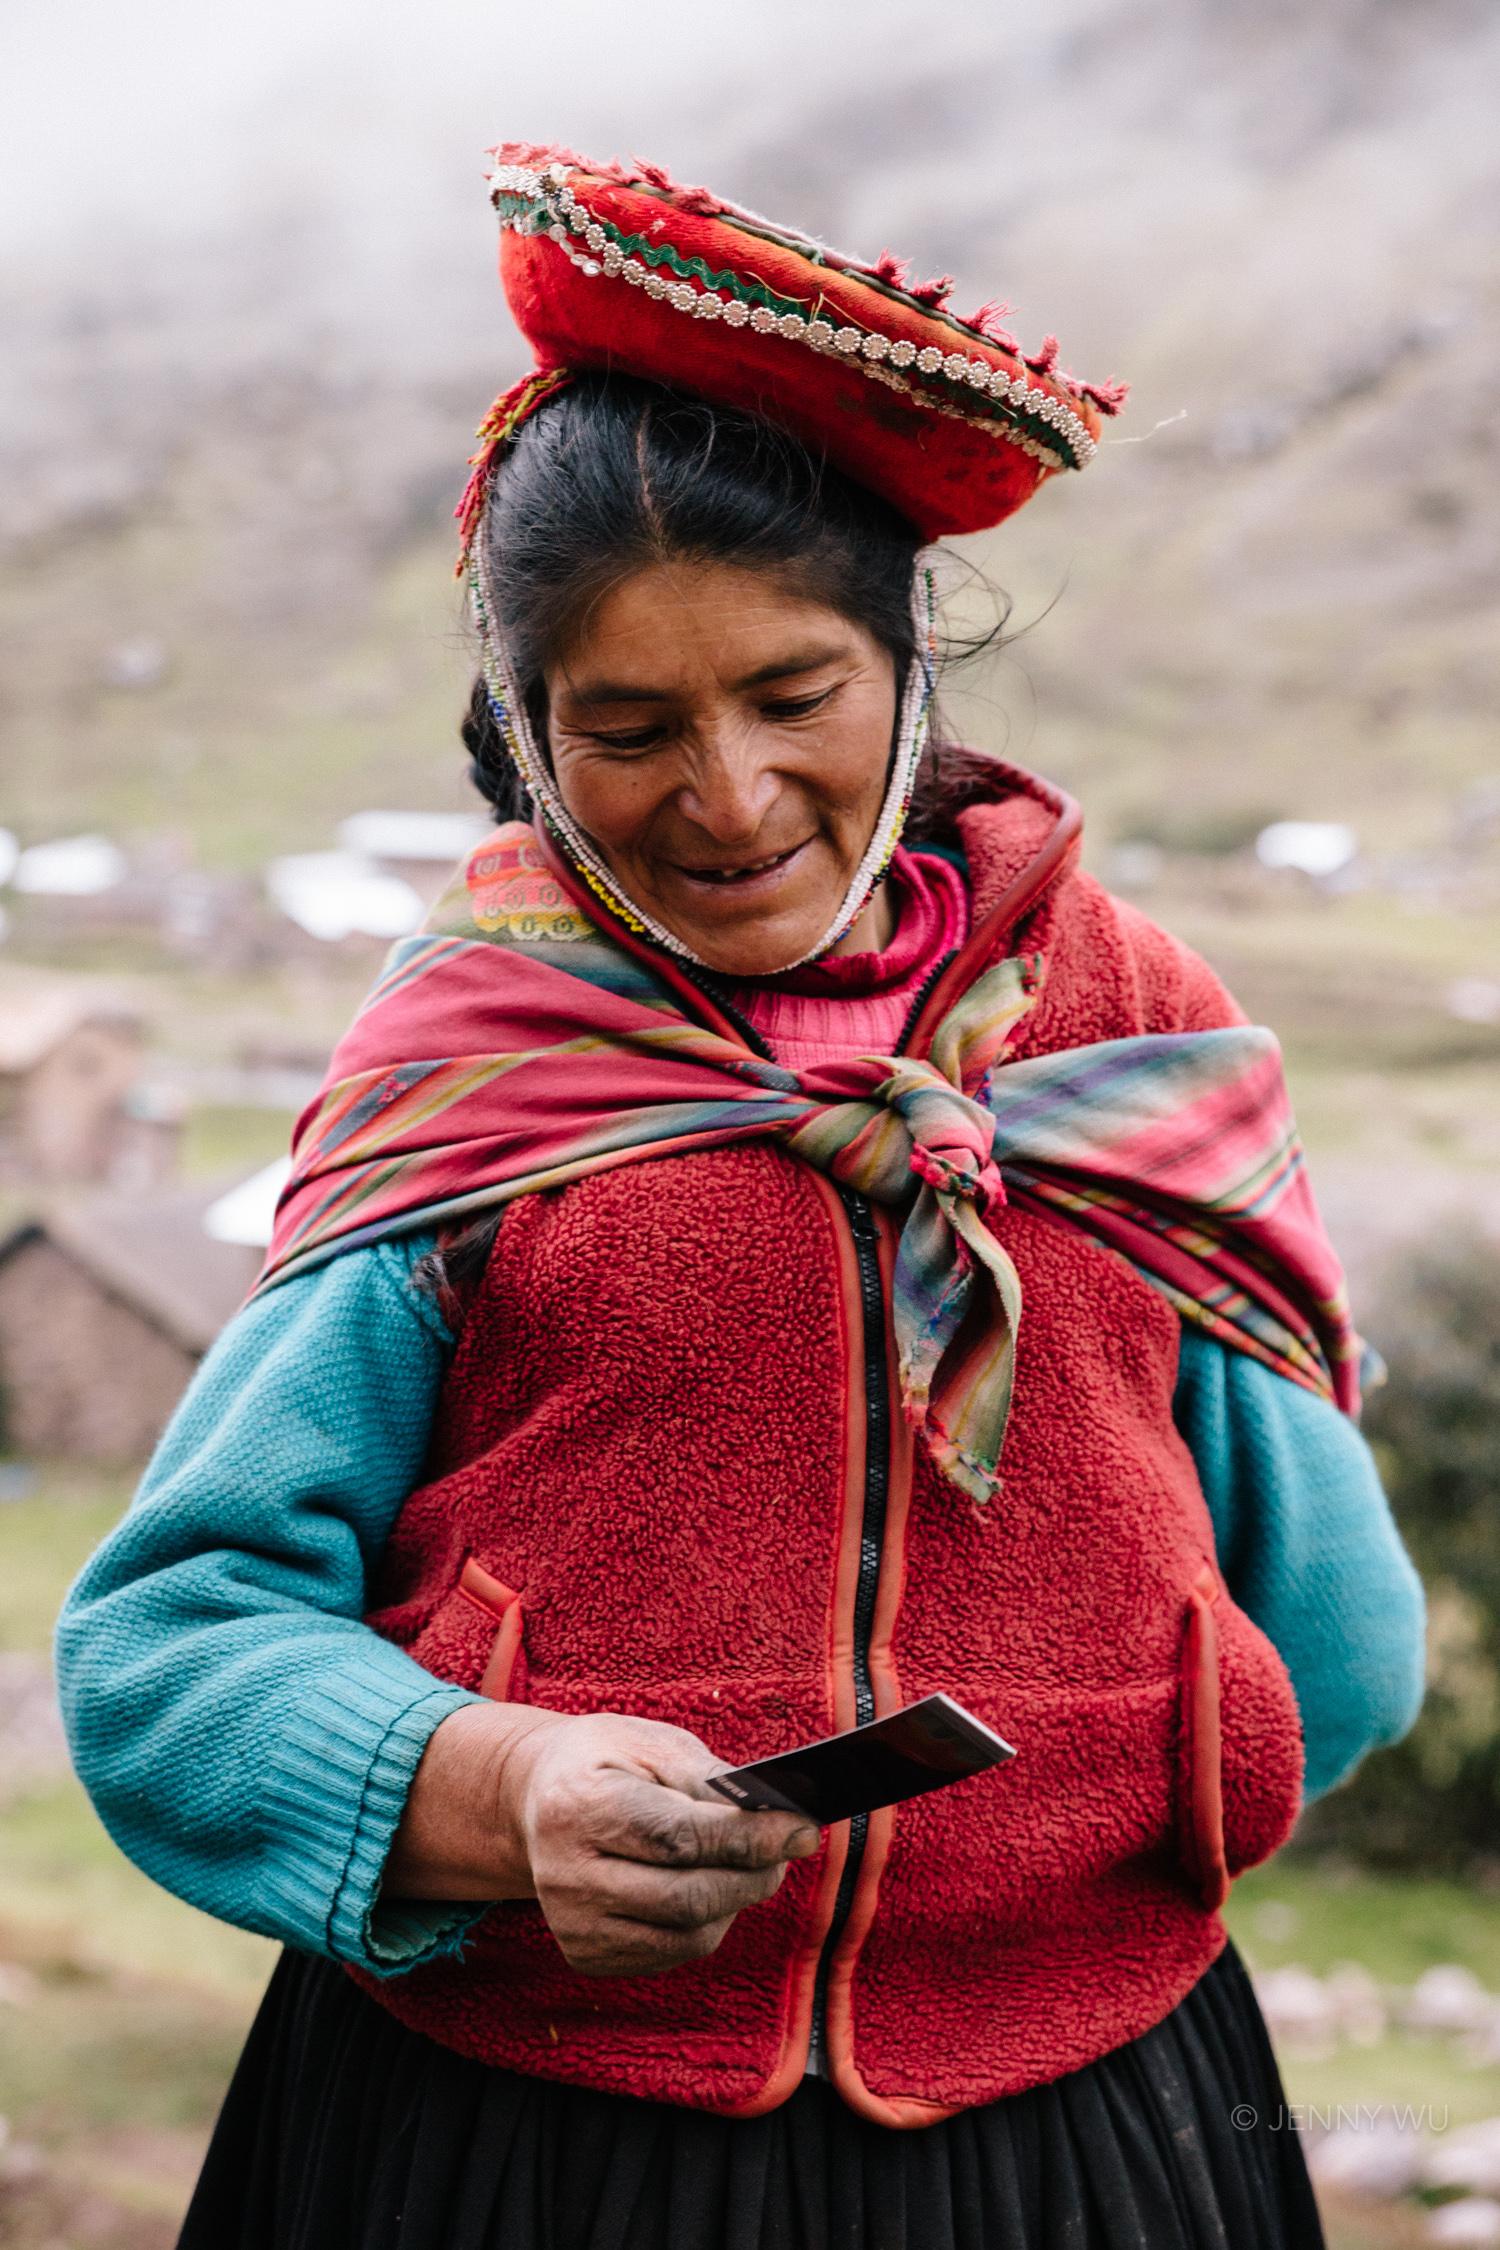 Peru polaroid project-2.jpg